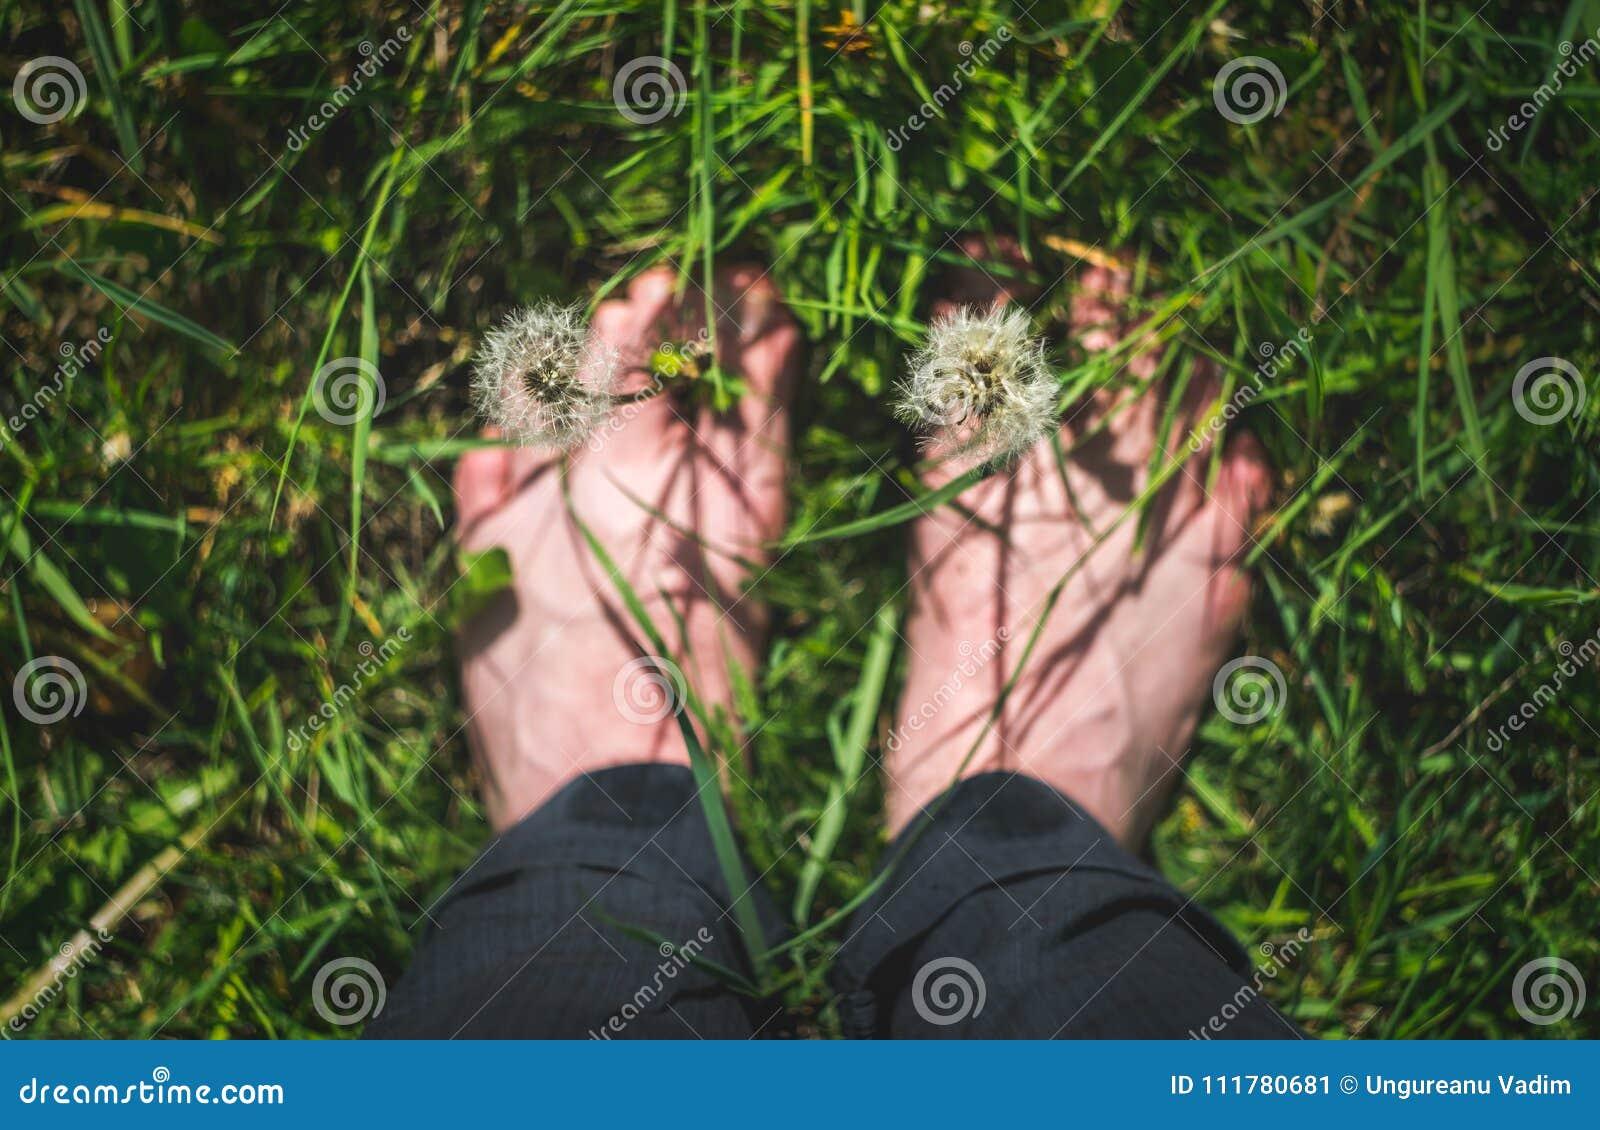 Gå ut och undersök och tyck om naturbegreppet